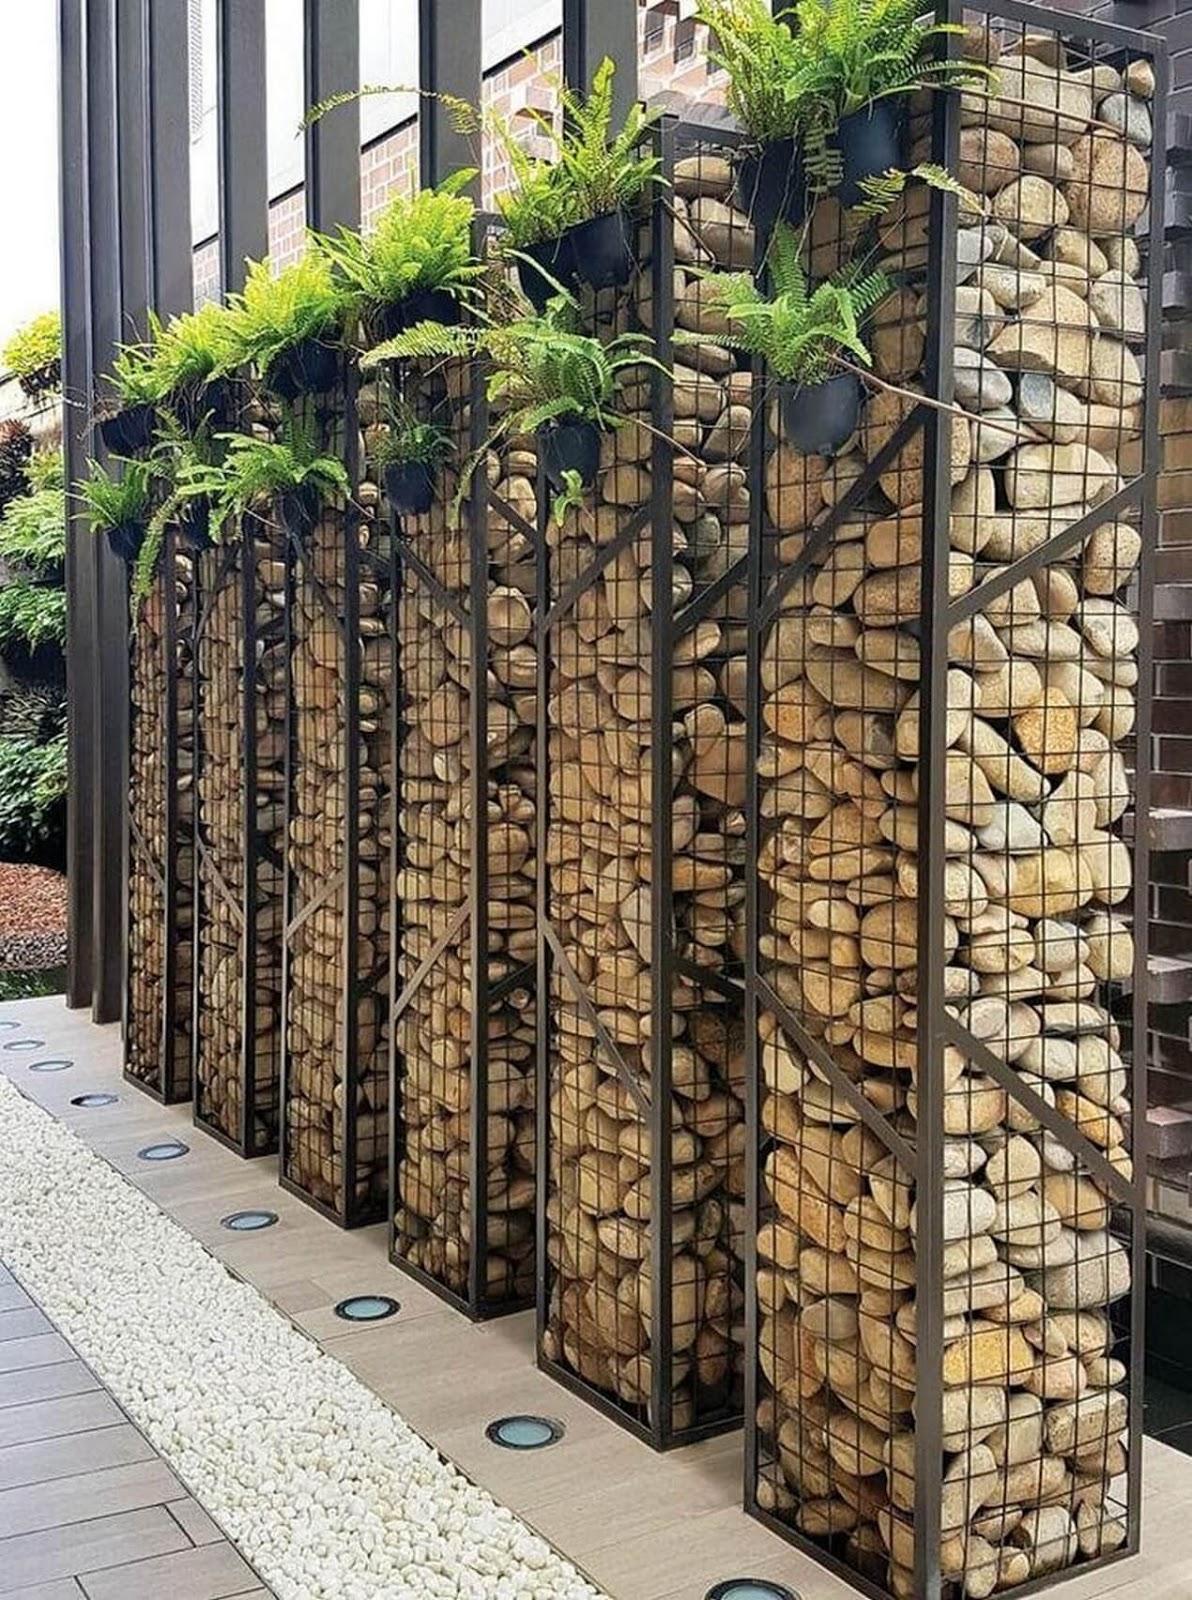 Tham khảo những mẫu hàng rào đẹp cho biệt thự  - Ảnh 11.